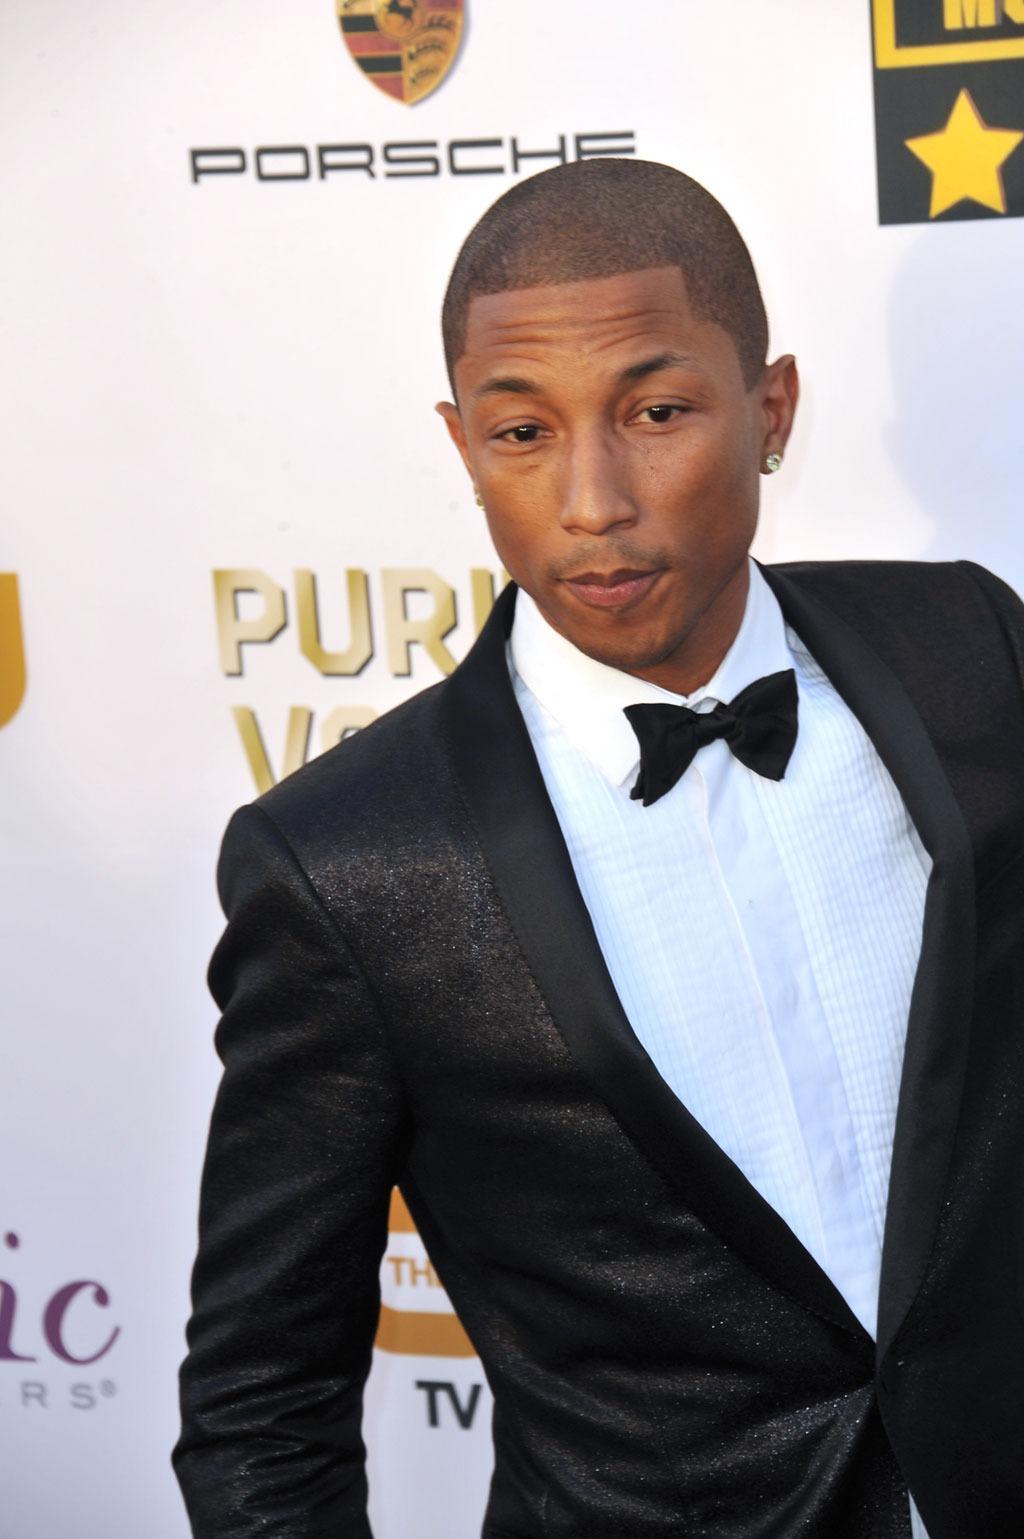 Pharrel_Williams hairstyles for men over 40